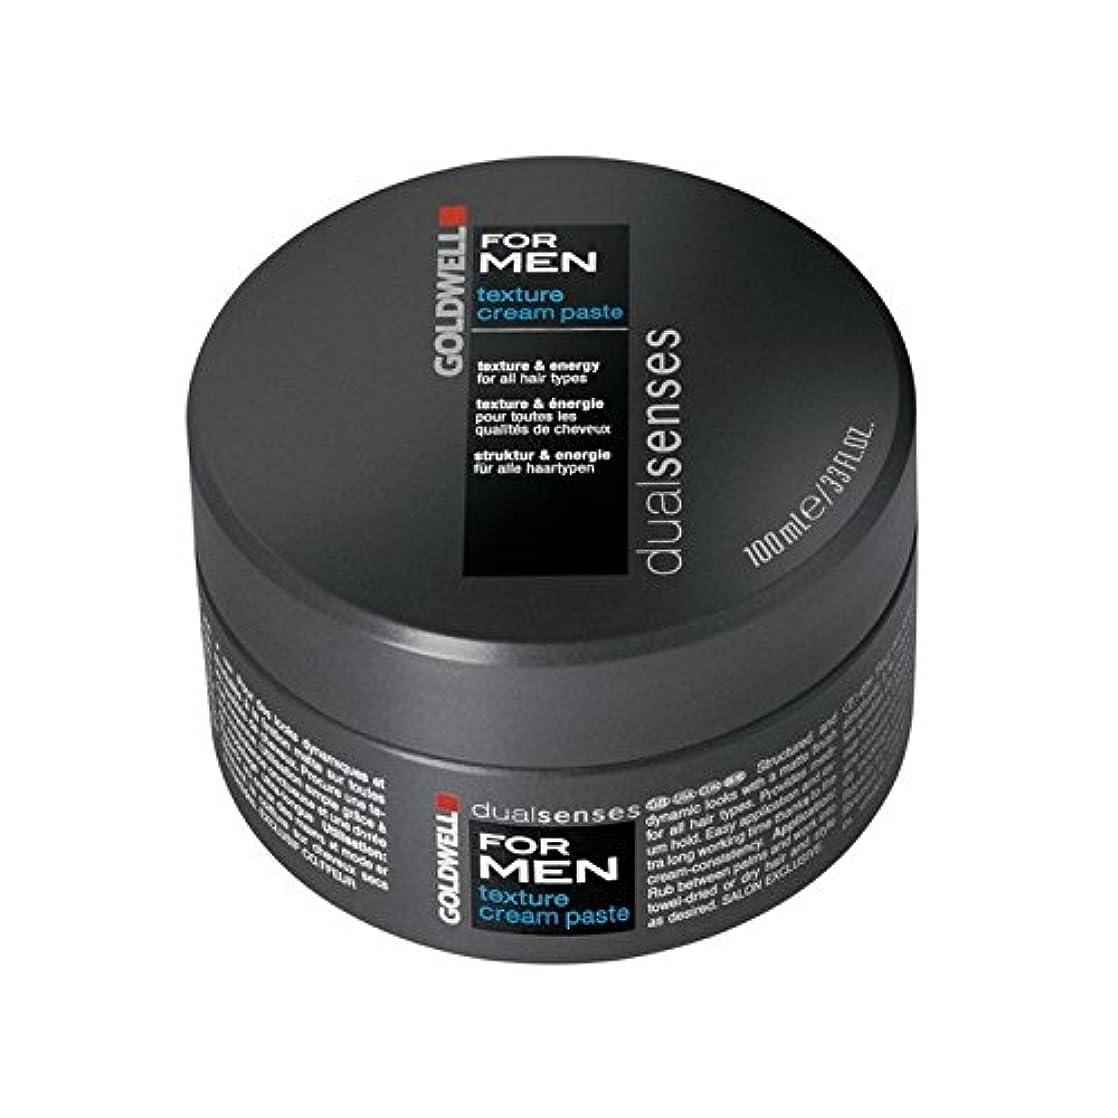 近代化する引き金投げるGoldwell Dualsenses For Men Texture Cream Paste (100ml) (Pack of 6) - 男性のテクスチャーのクリームペースト(100ミリリットル)のためのの x6 [並行輸入品]